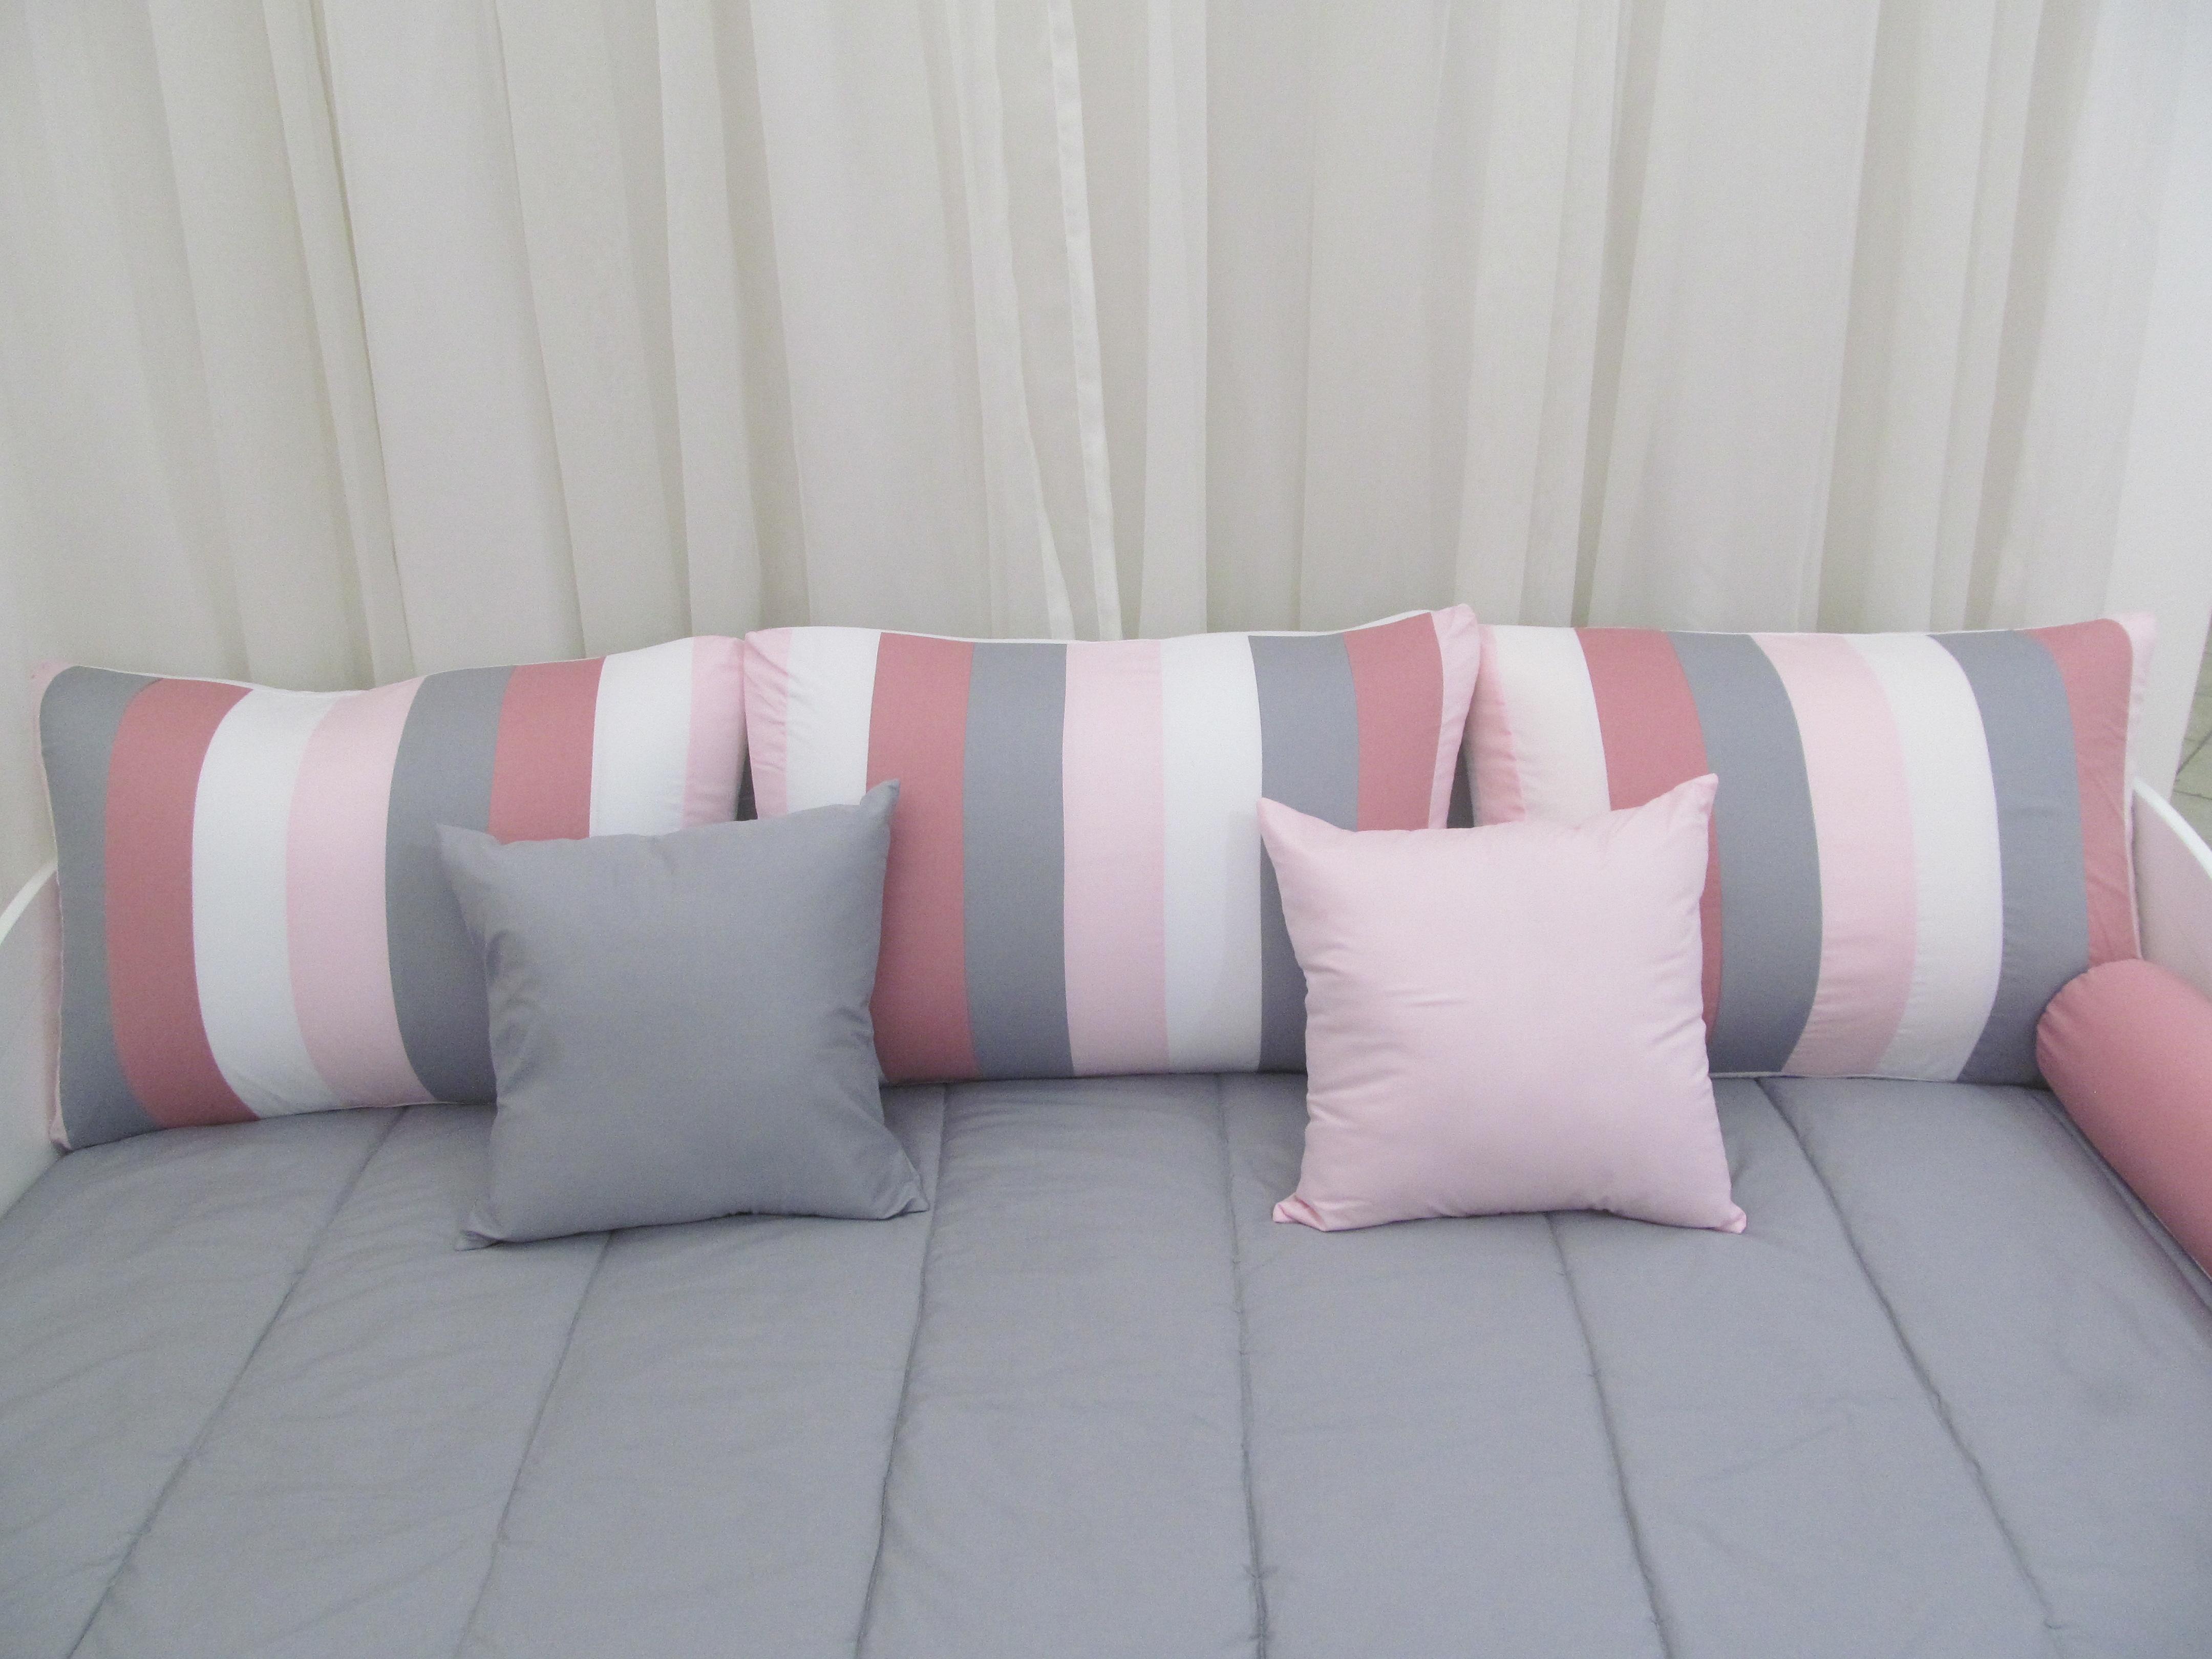 Kit cama auxiliar moderno iii 8 p s gatinhando elo7 for Cama original